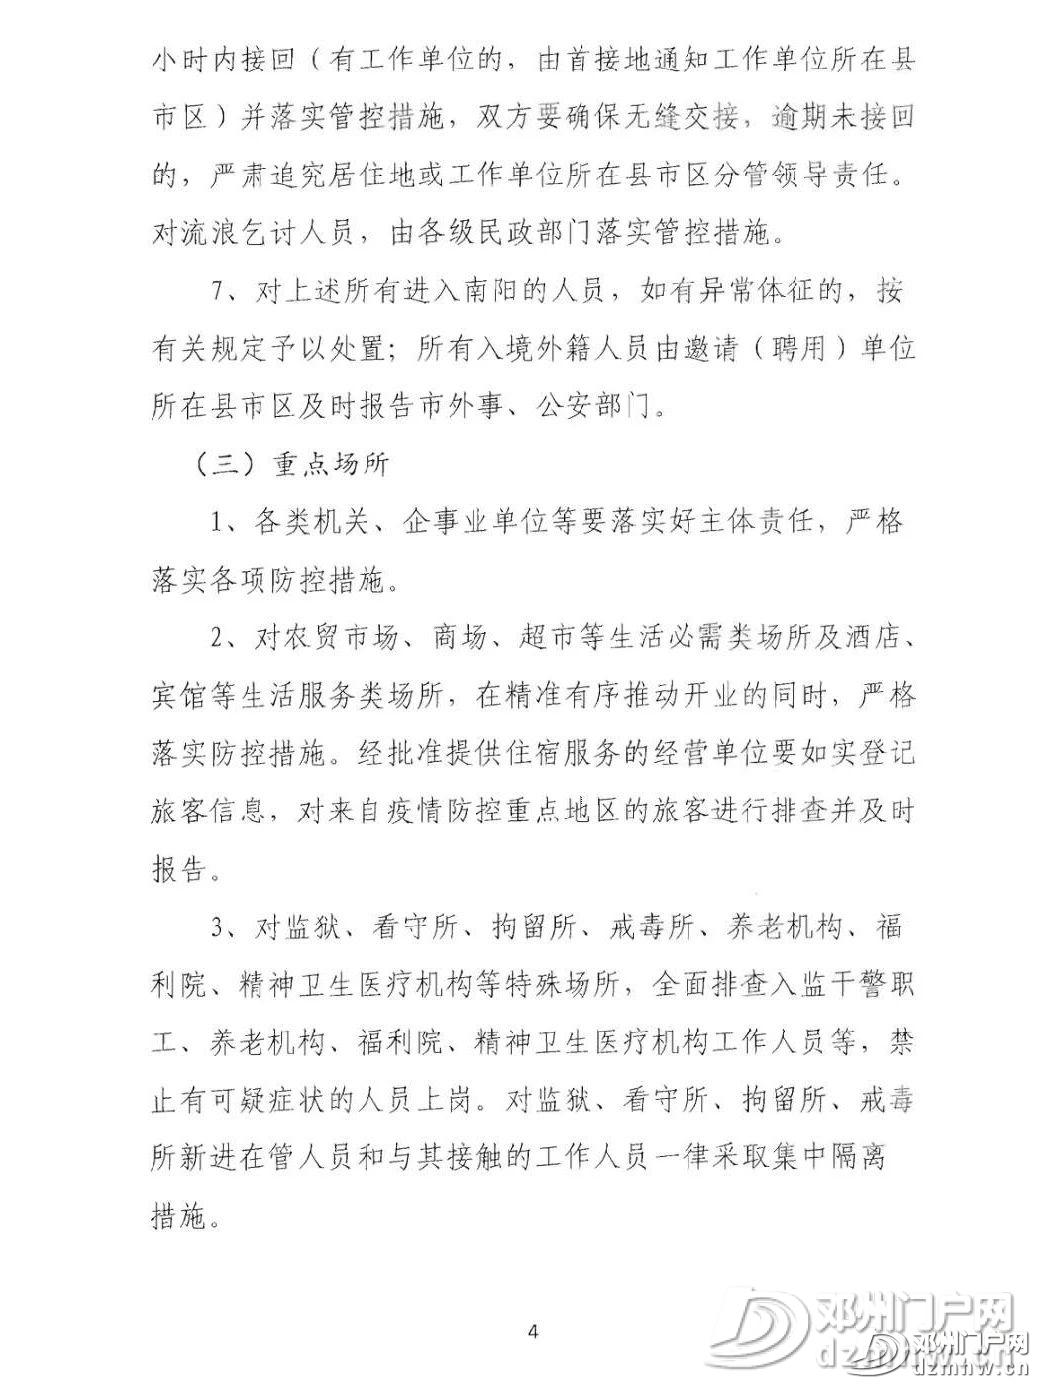 速转!关于邓州卡口撤销官方文件已出! - 邓州门户网|邓州网 - a054afaf875fcdd348b478b9c9939f8c.jpg